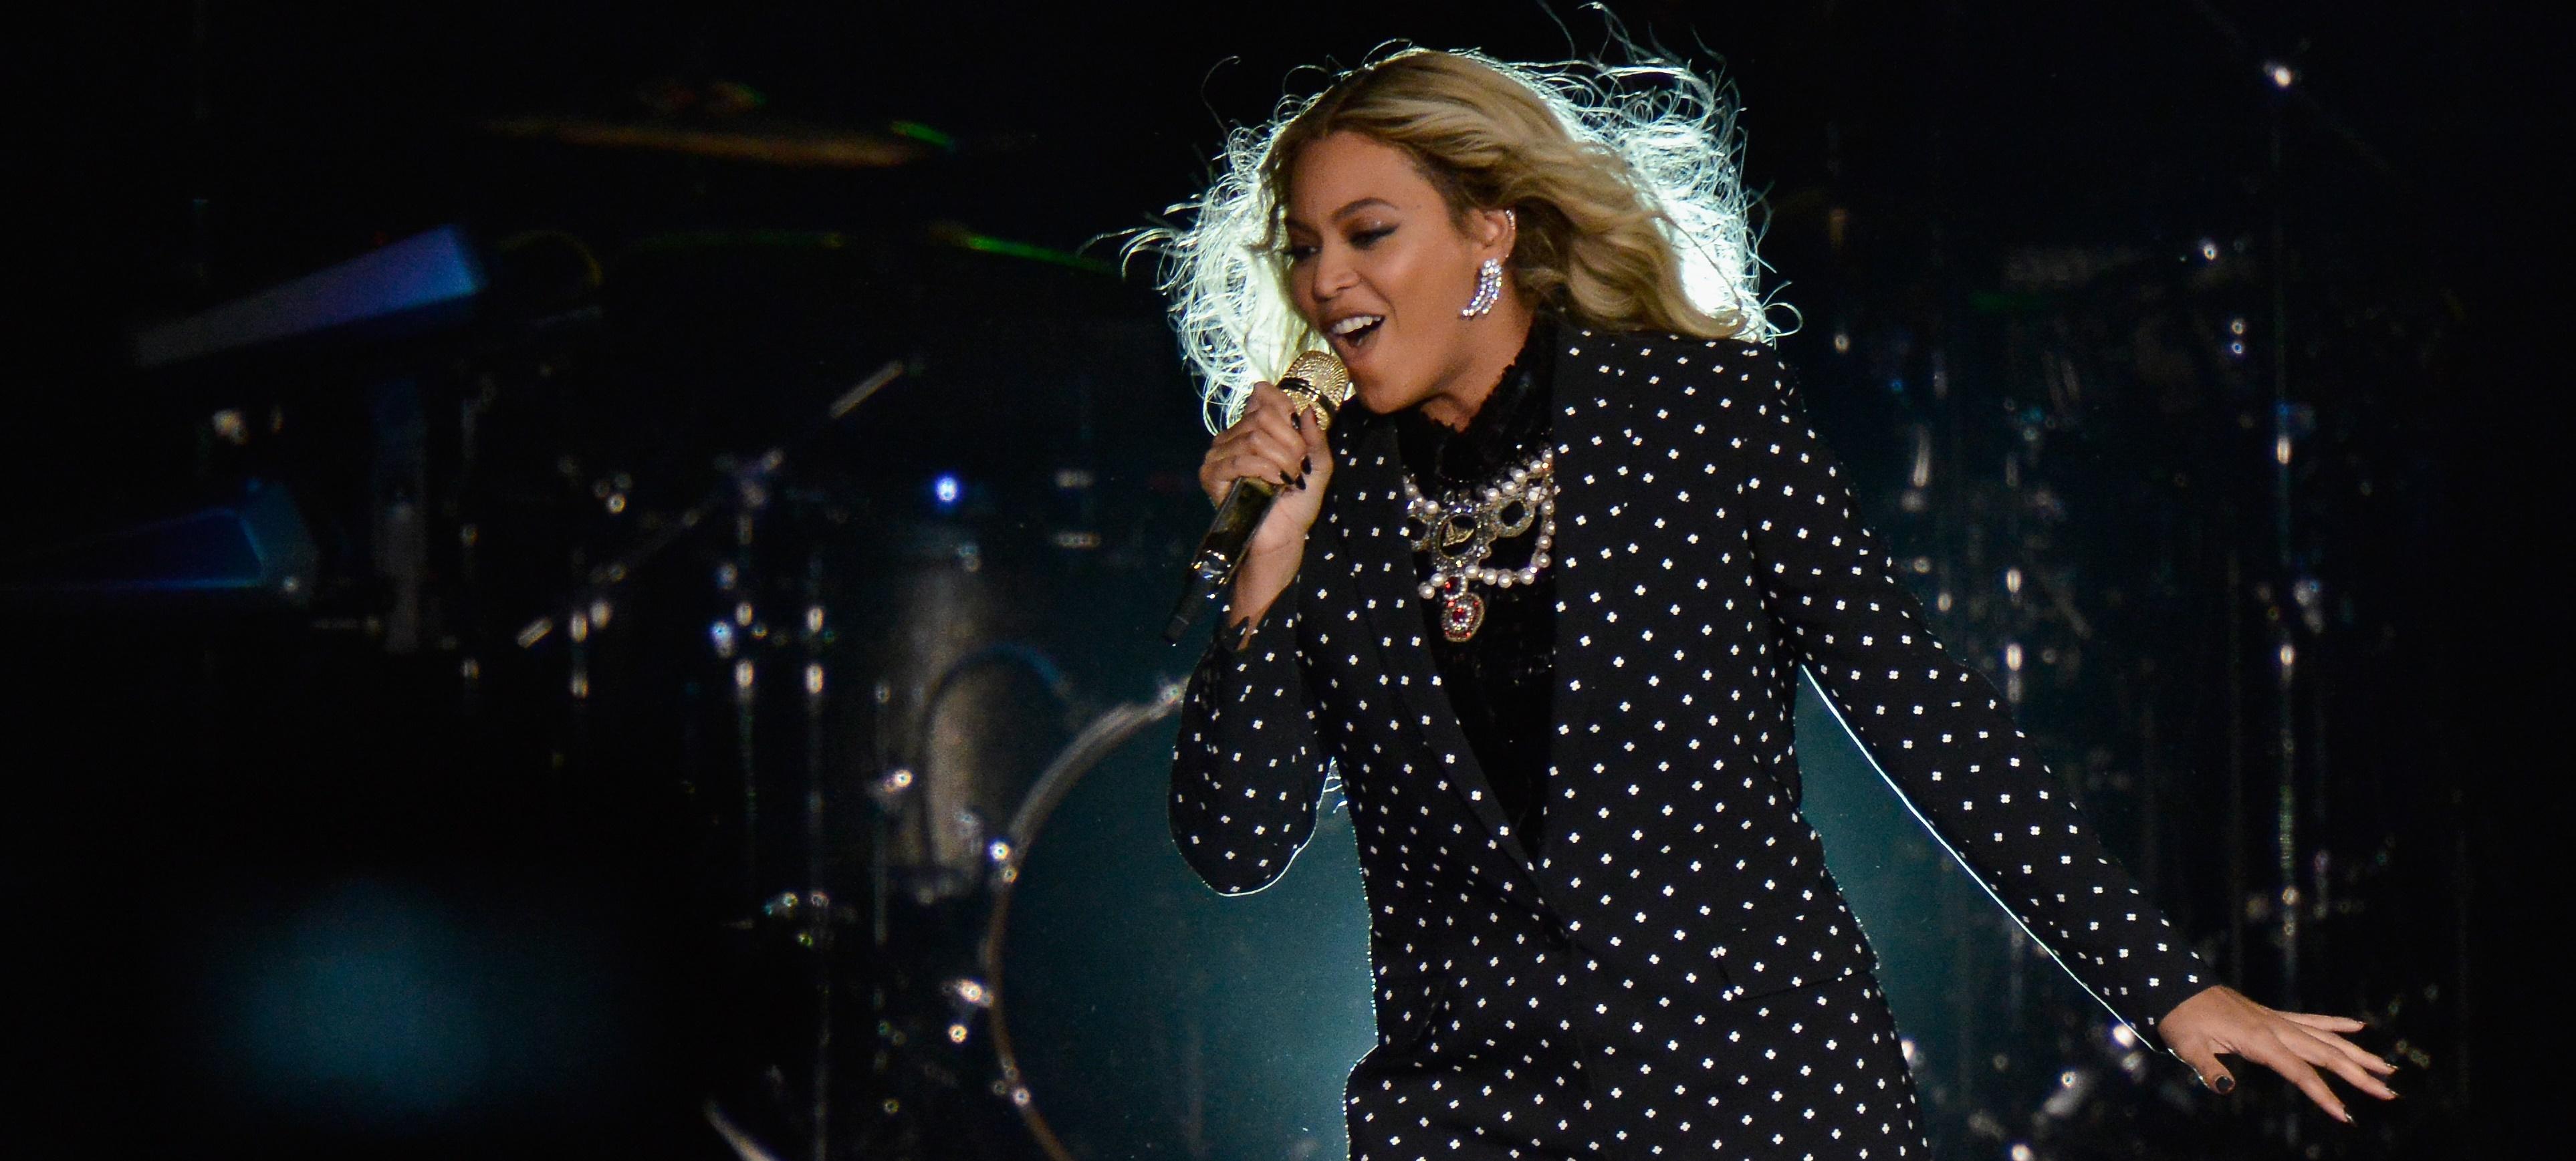 Billboard divulga lista dos artistas mais bem pagos do mundo da música em 2016; Queen B lidera!